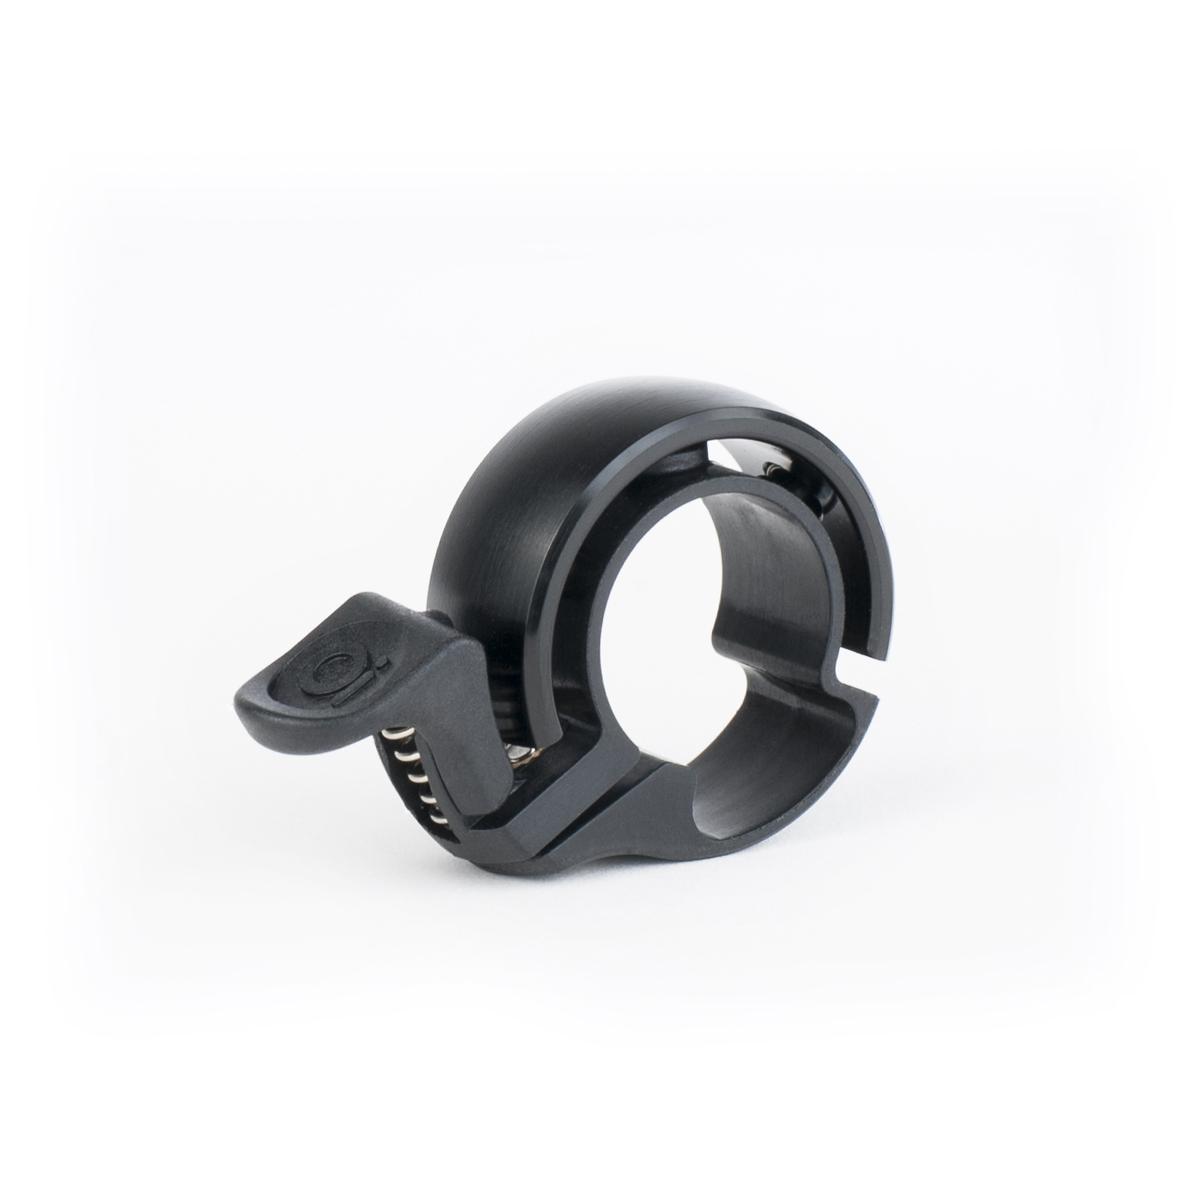 Ringklokke Knog Oi Classic Small ø22 - sort - KN11976   Bells